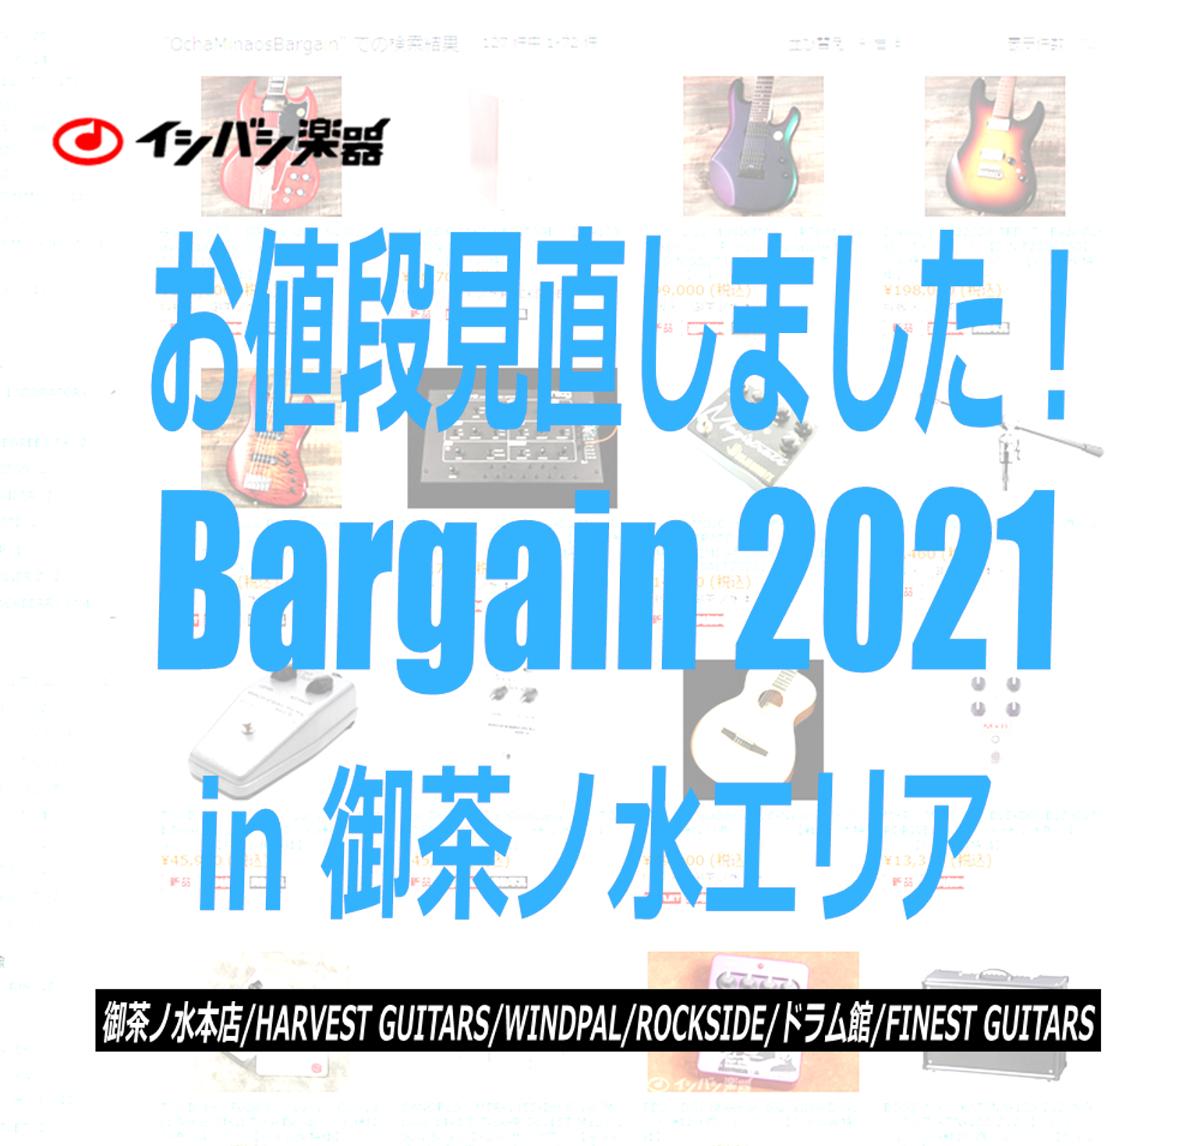 お値段見直しましたBargain!2021! in 御茶ノ水エリア 開催! 記事メイン画像